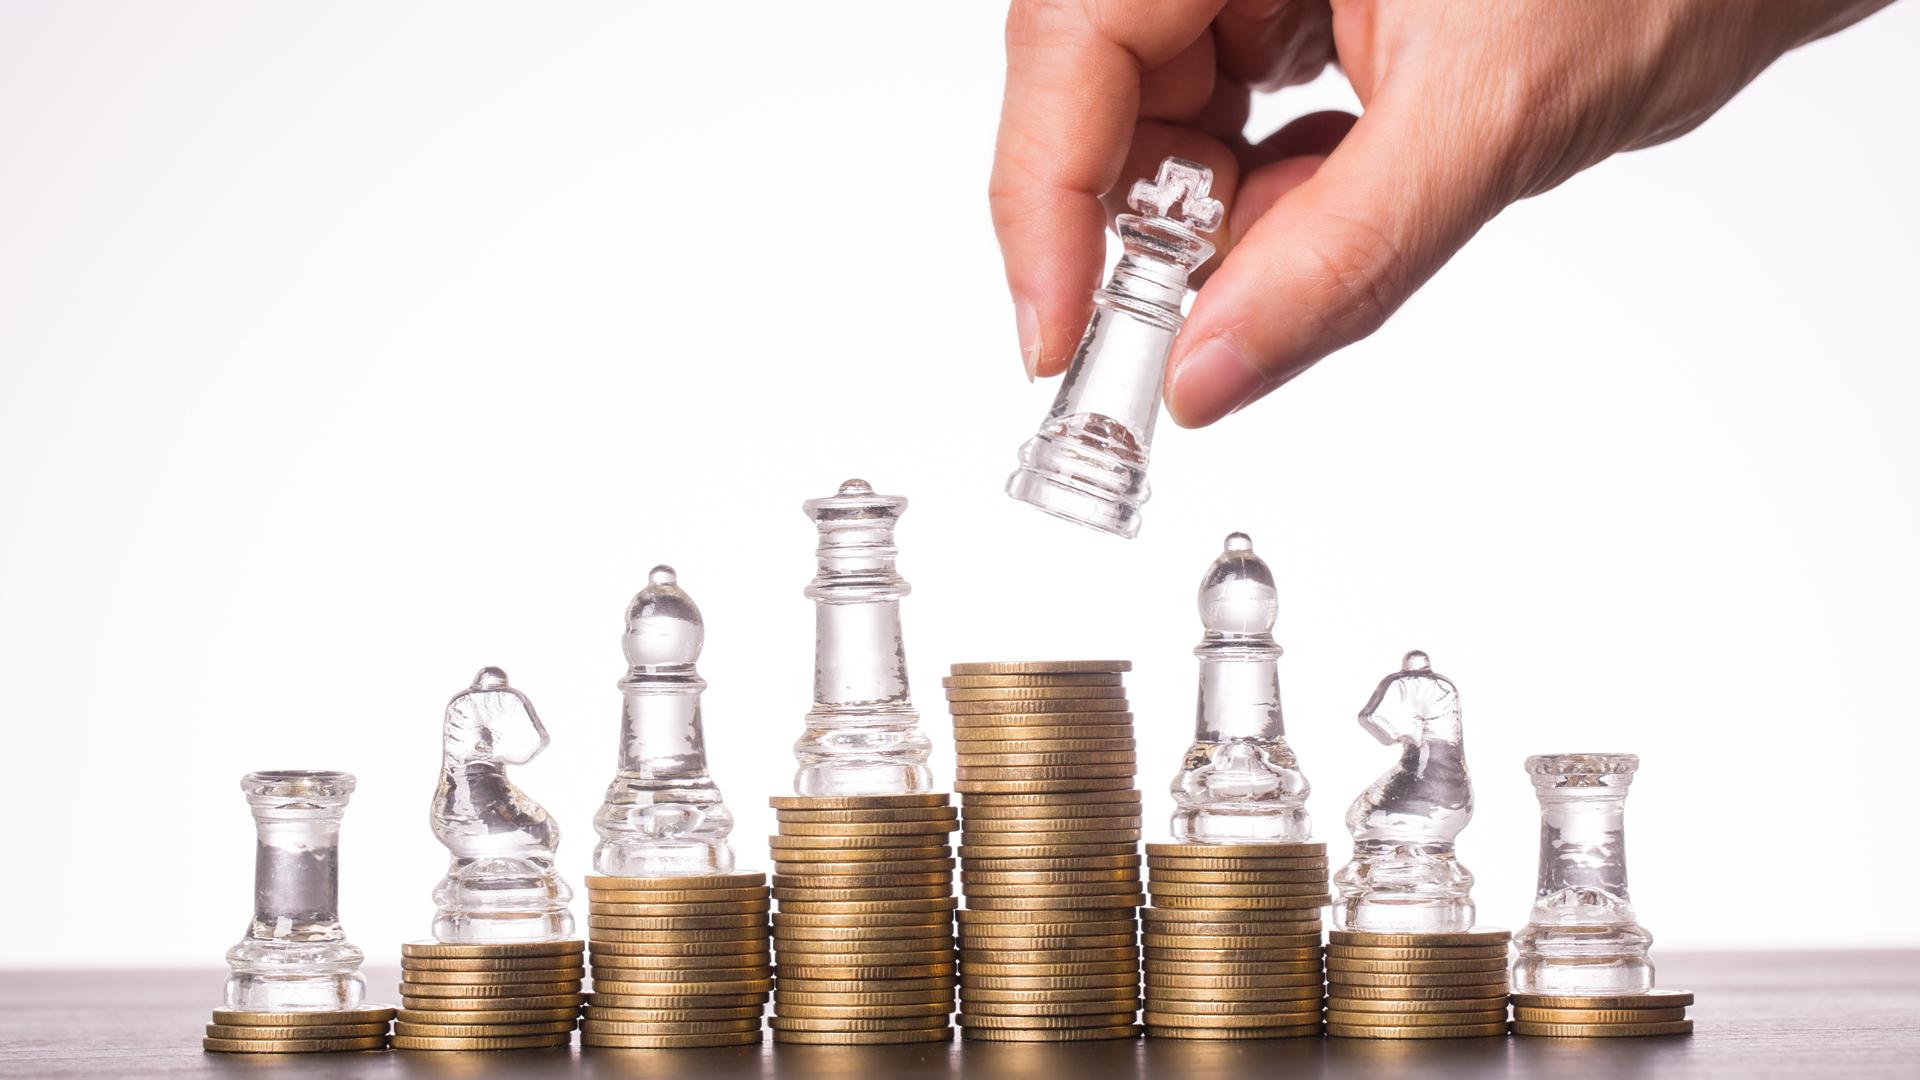 Ý tưởng Cách đầu tư tiền thông minh không phải ai cũng biết